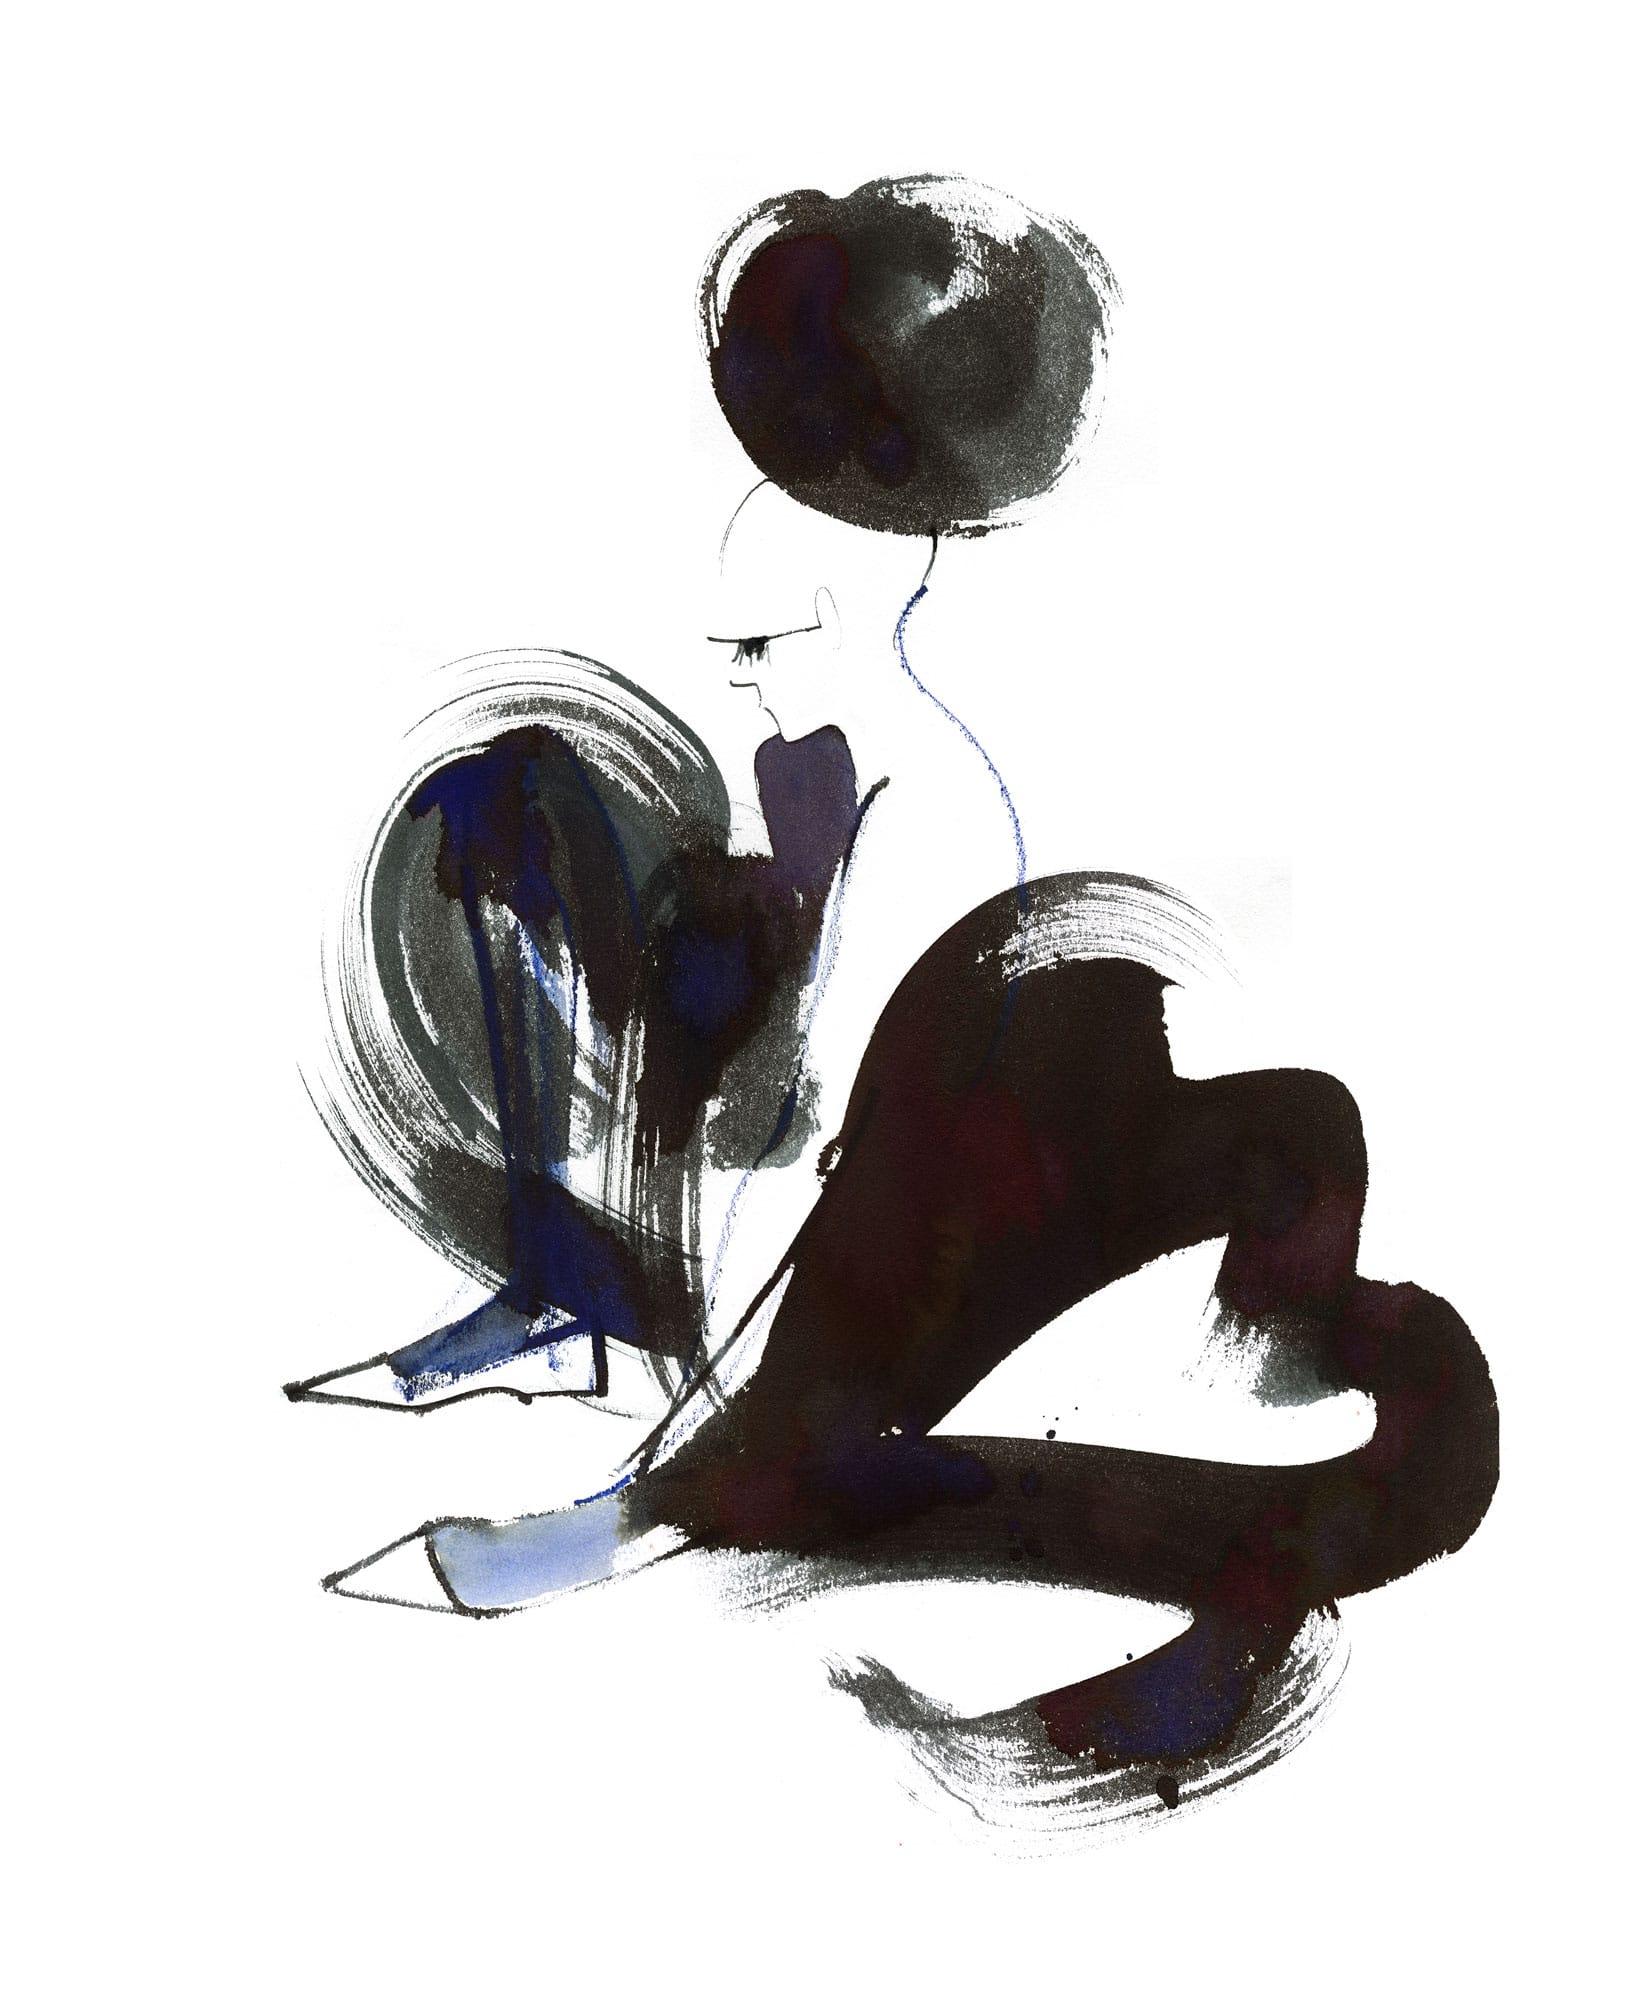 Lovisa Burfitt illustration Ballerina-contemplating